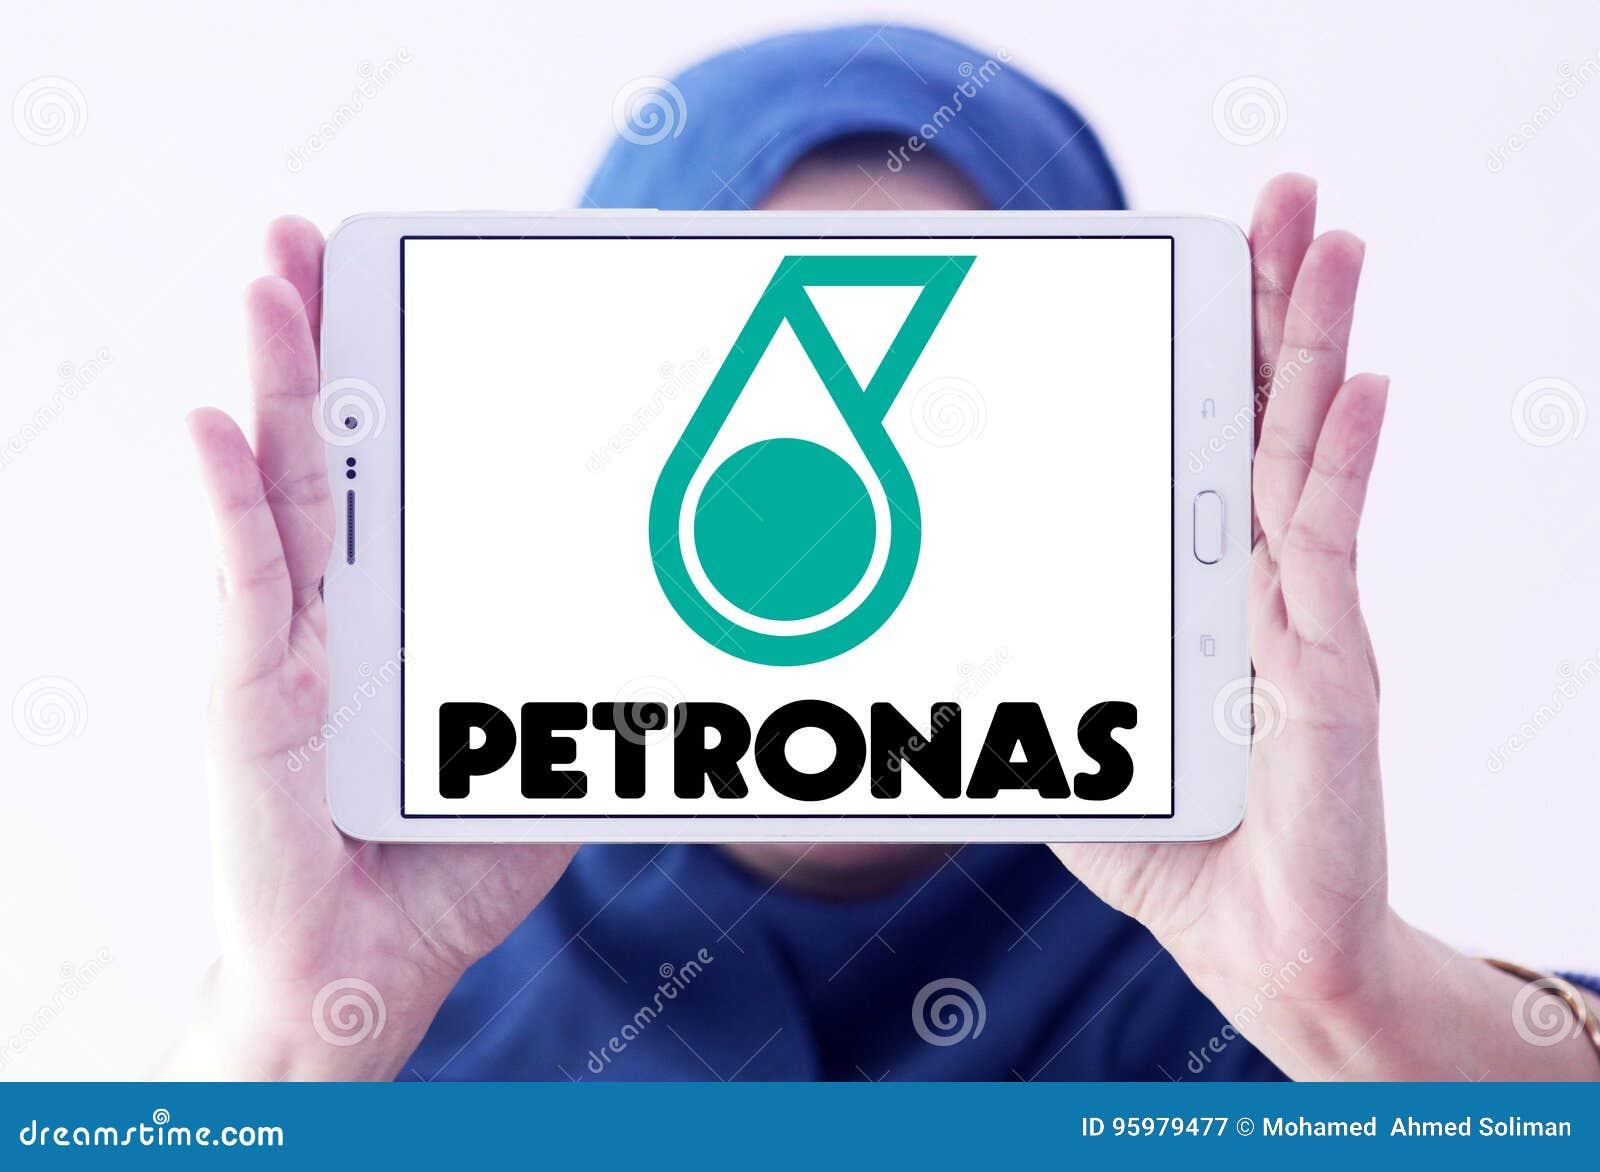 Petronas oil company logo editorial photography image of pemex petronas oil company logo editorial stock photo buycottarizona Gallery